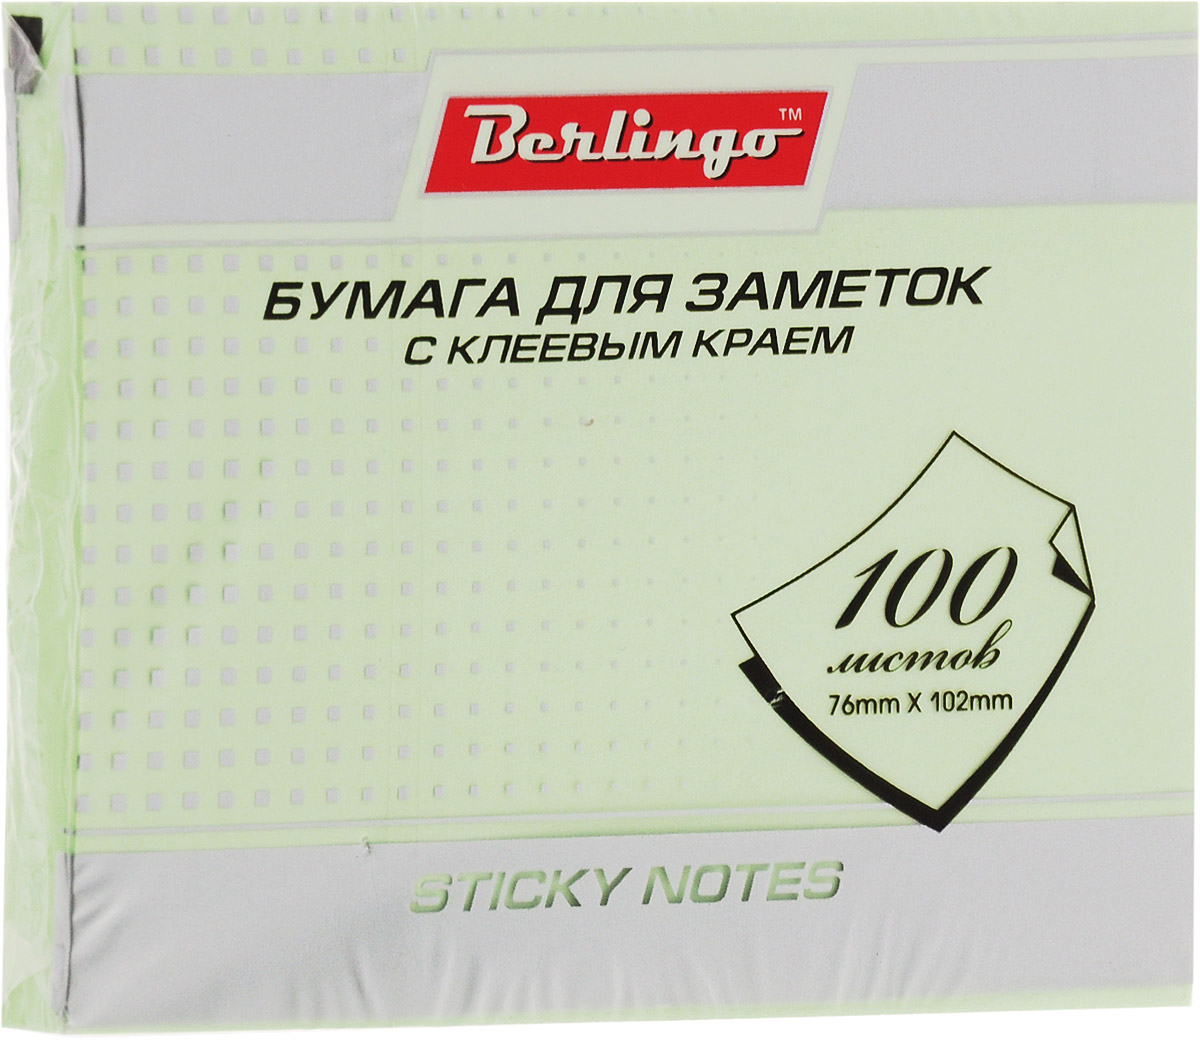 Berlingo Бумага для заметок 7,6 х 10,2 см 100 листов